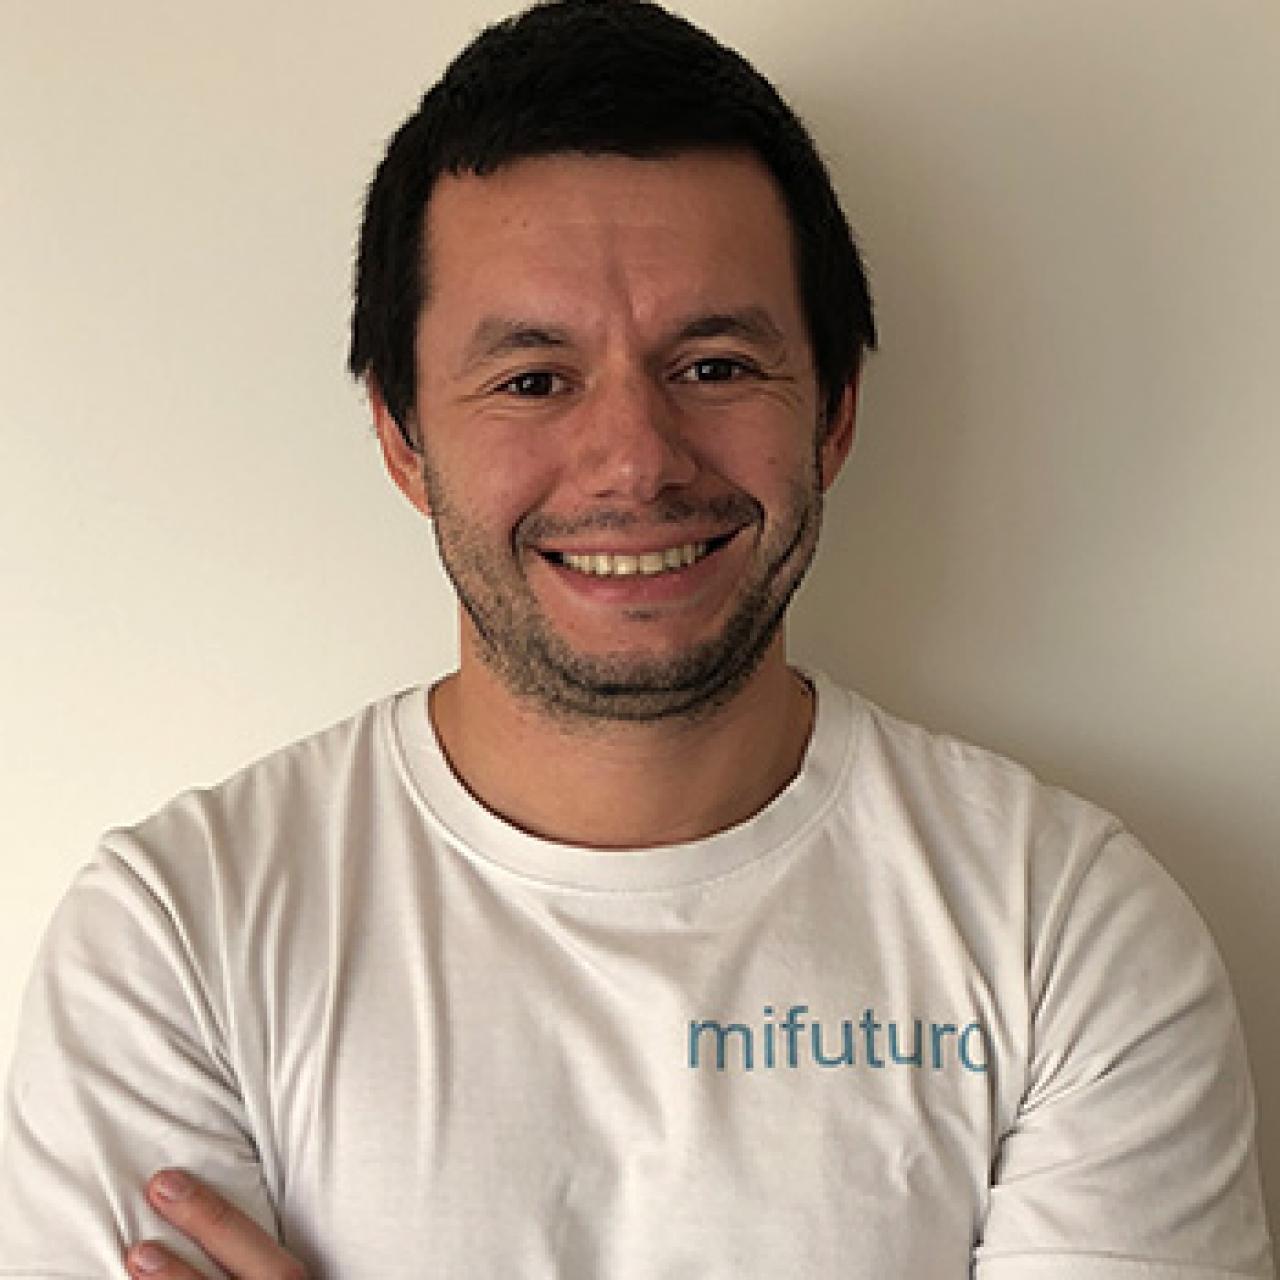 Cristóbal Pereira (mifutu.ro)